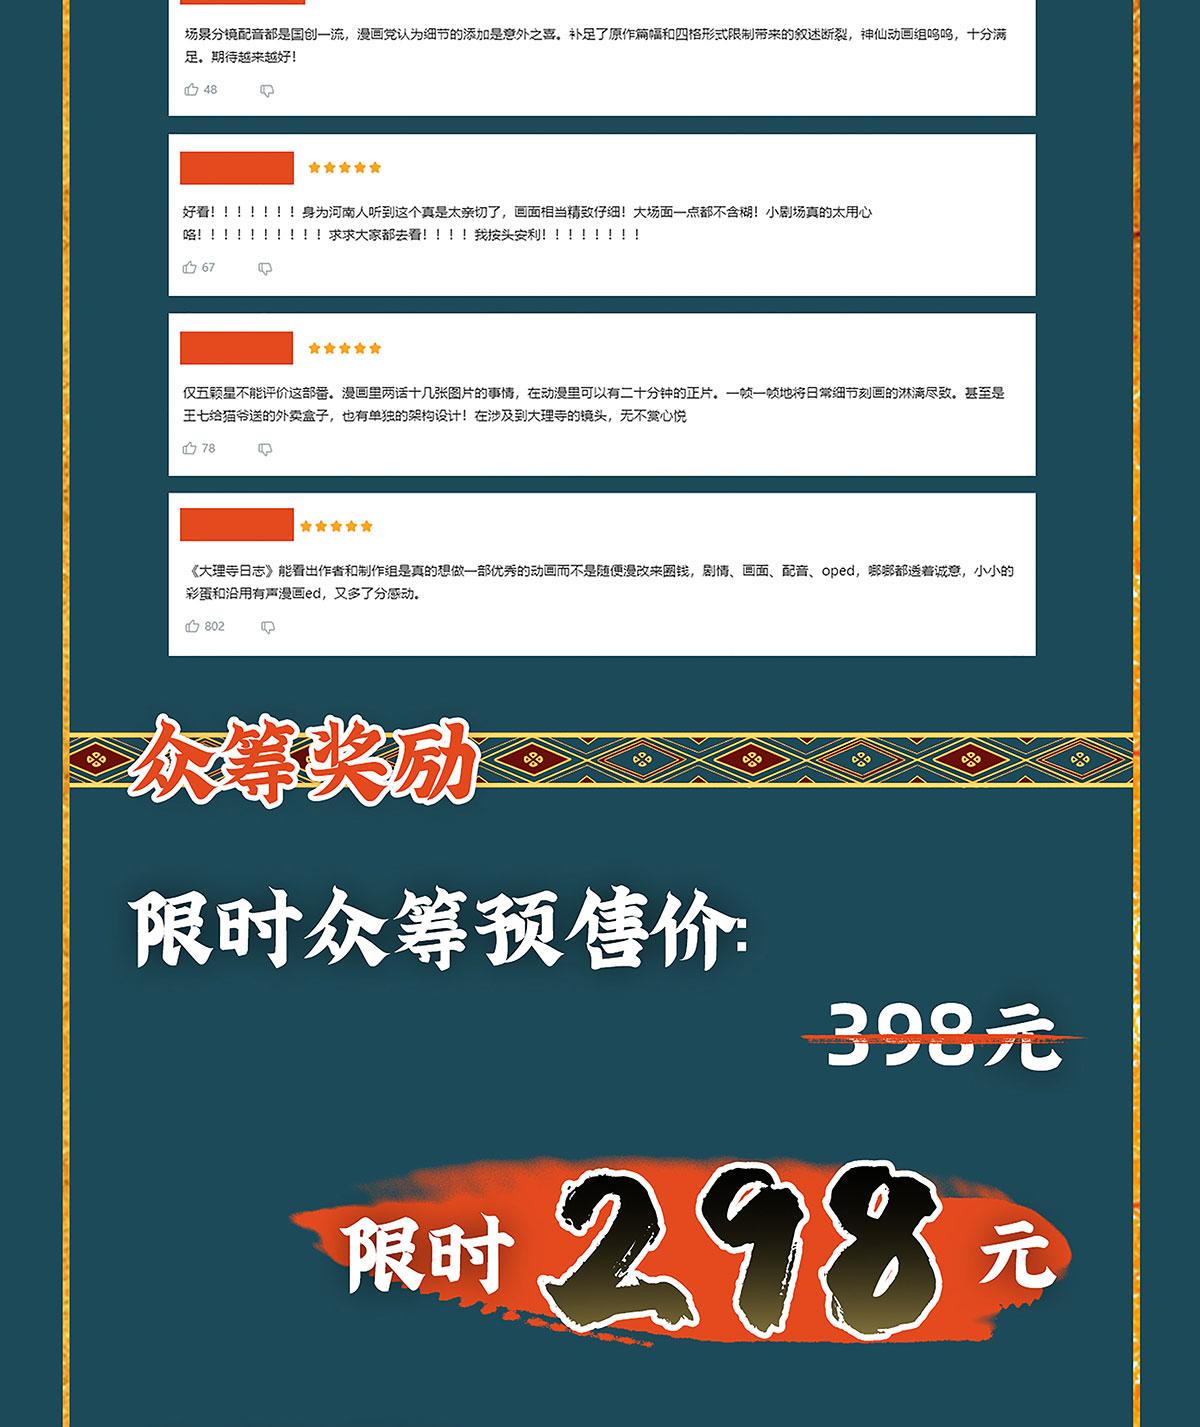 众筹长图_09.jpg